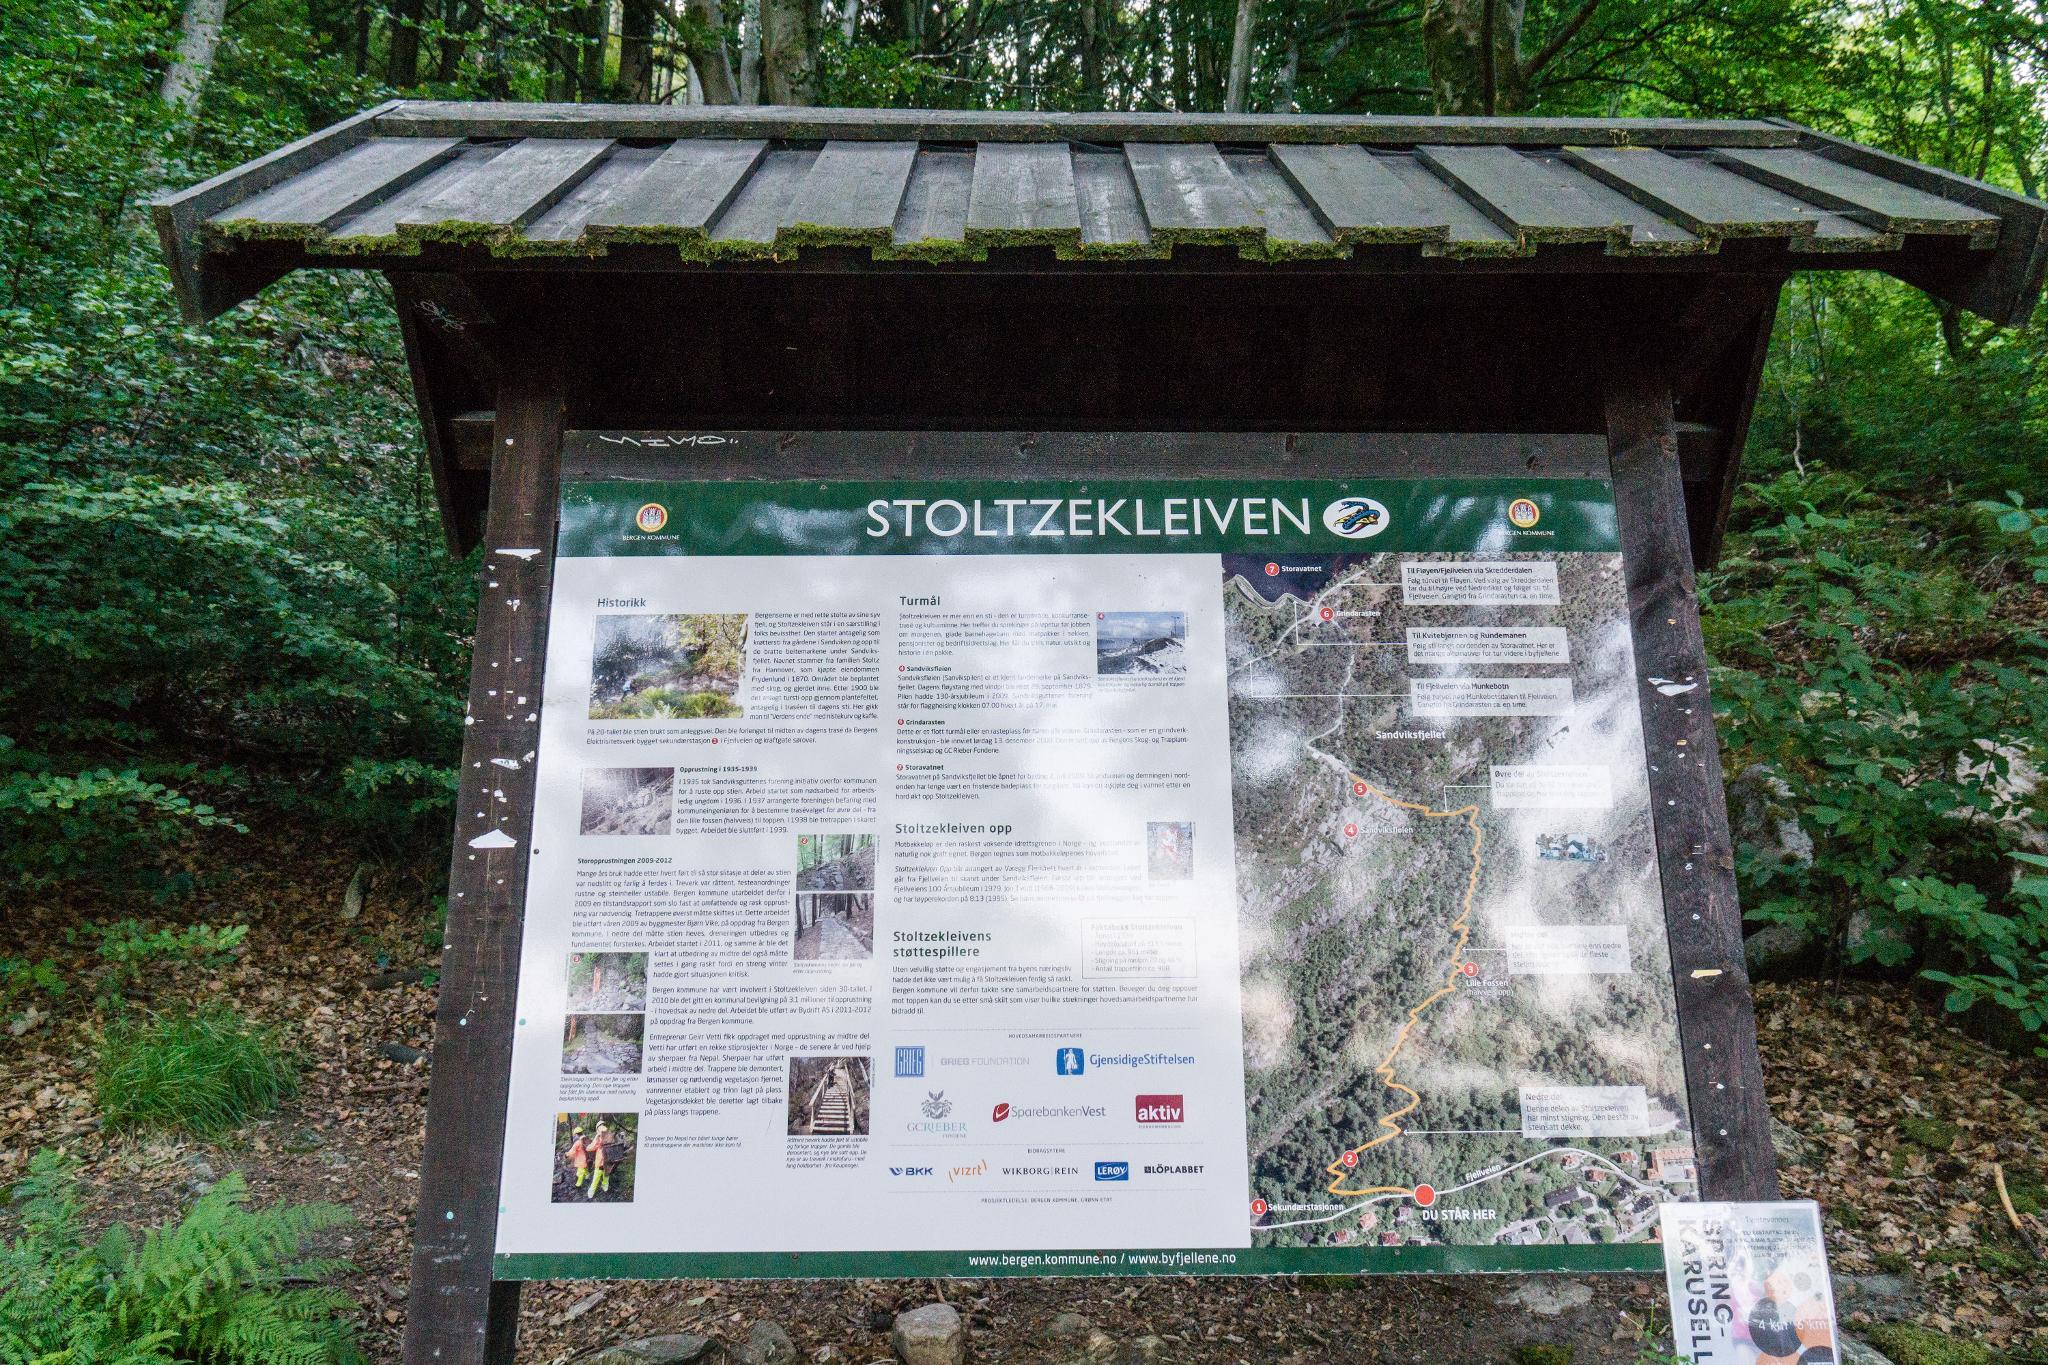 【卑爾根】超級震撼的隱藏版挪威景點 — Stoltzekleiven桑德維克斯石梯與Fløyen佛洛伊恩觀景台大縱走 6